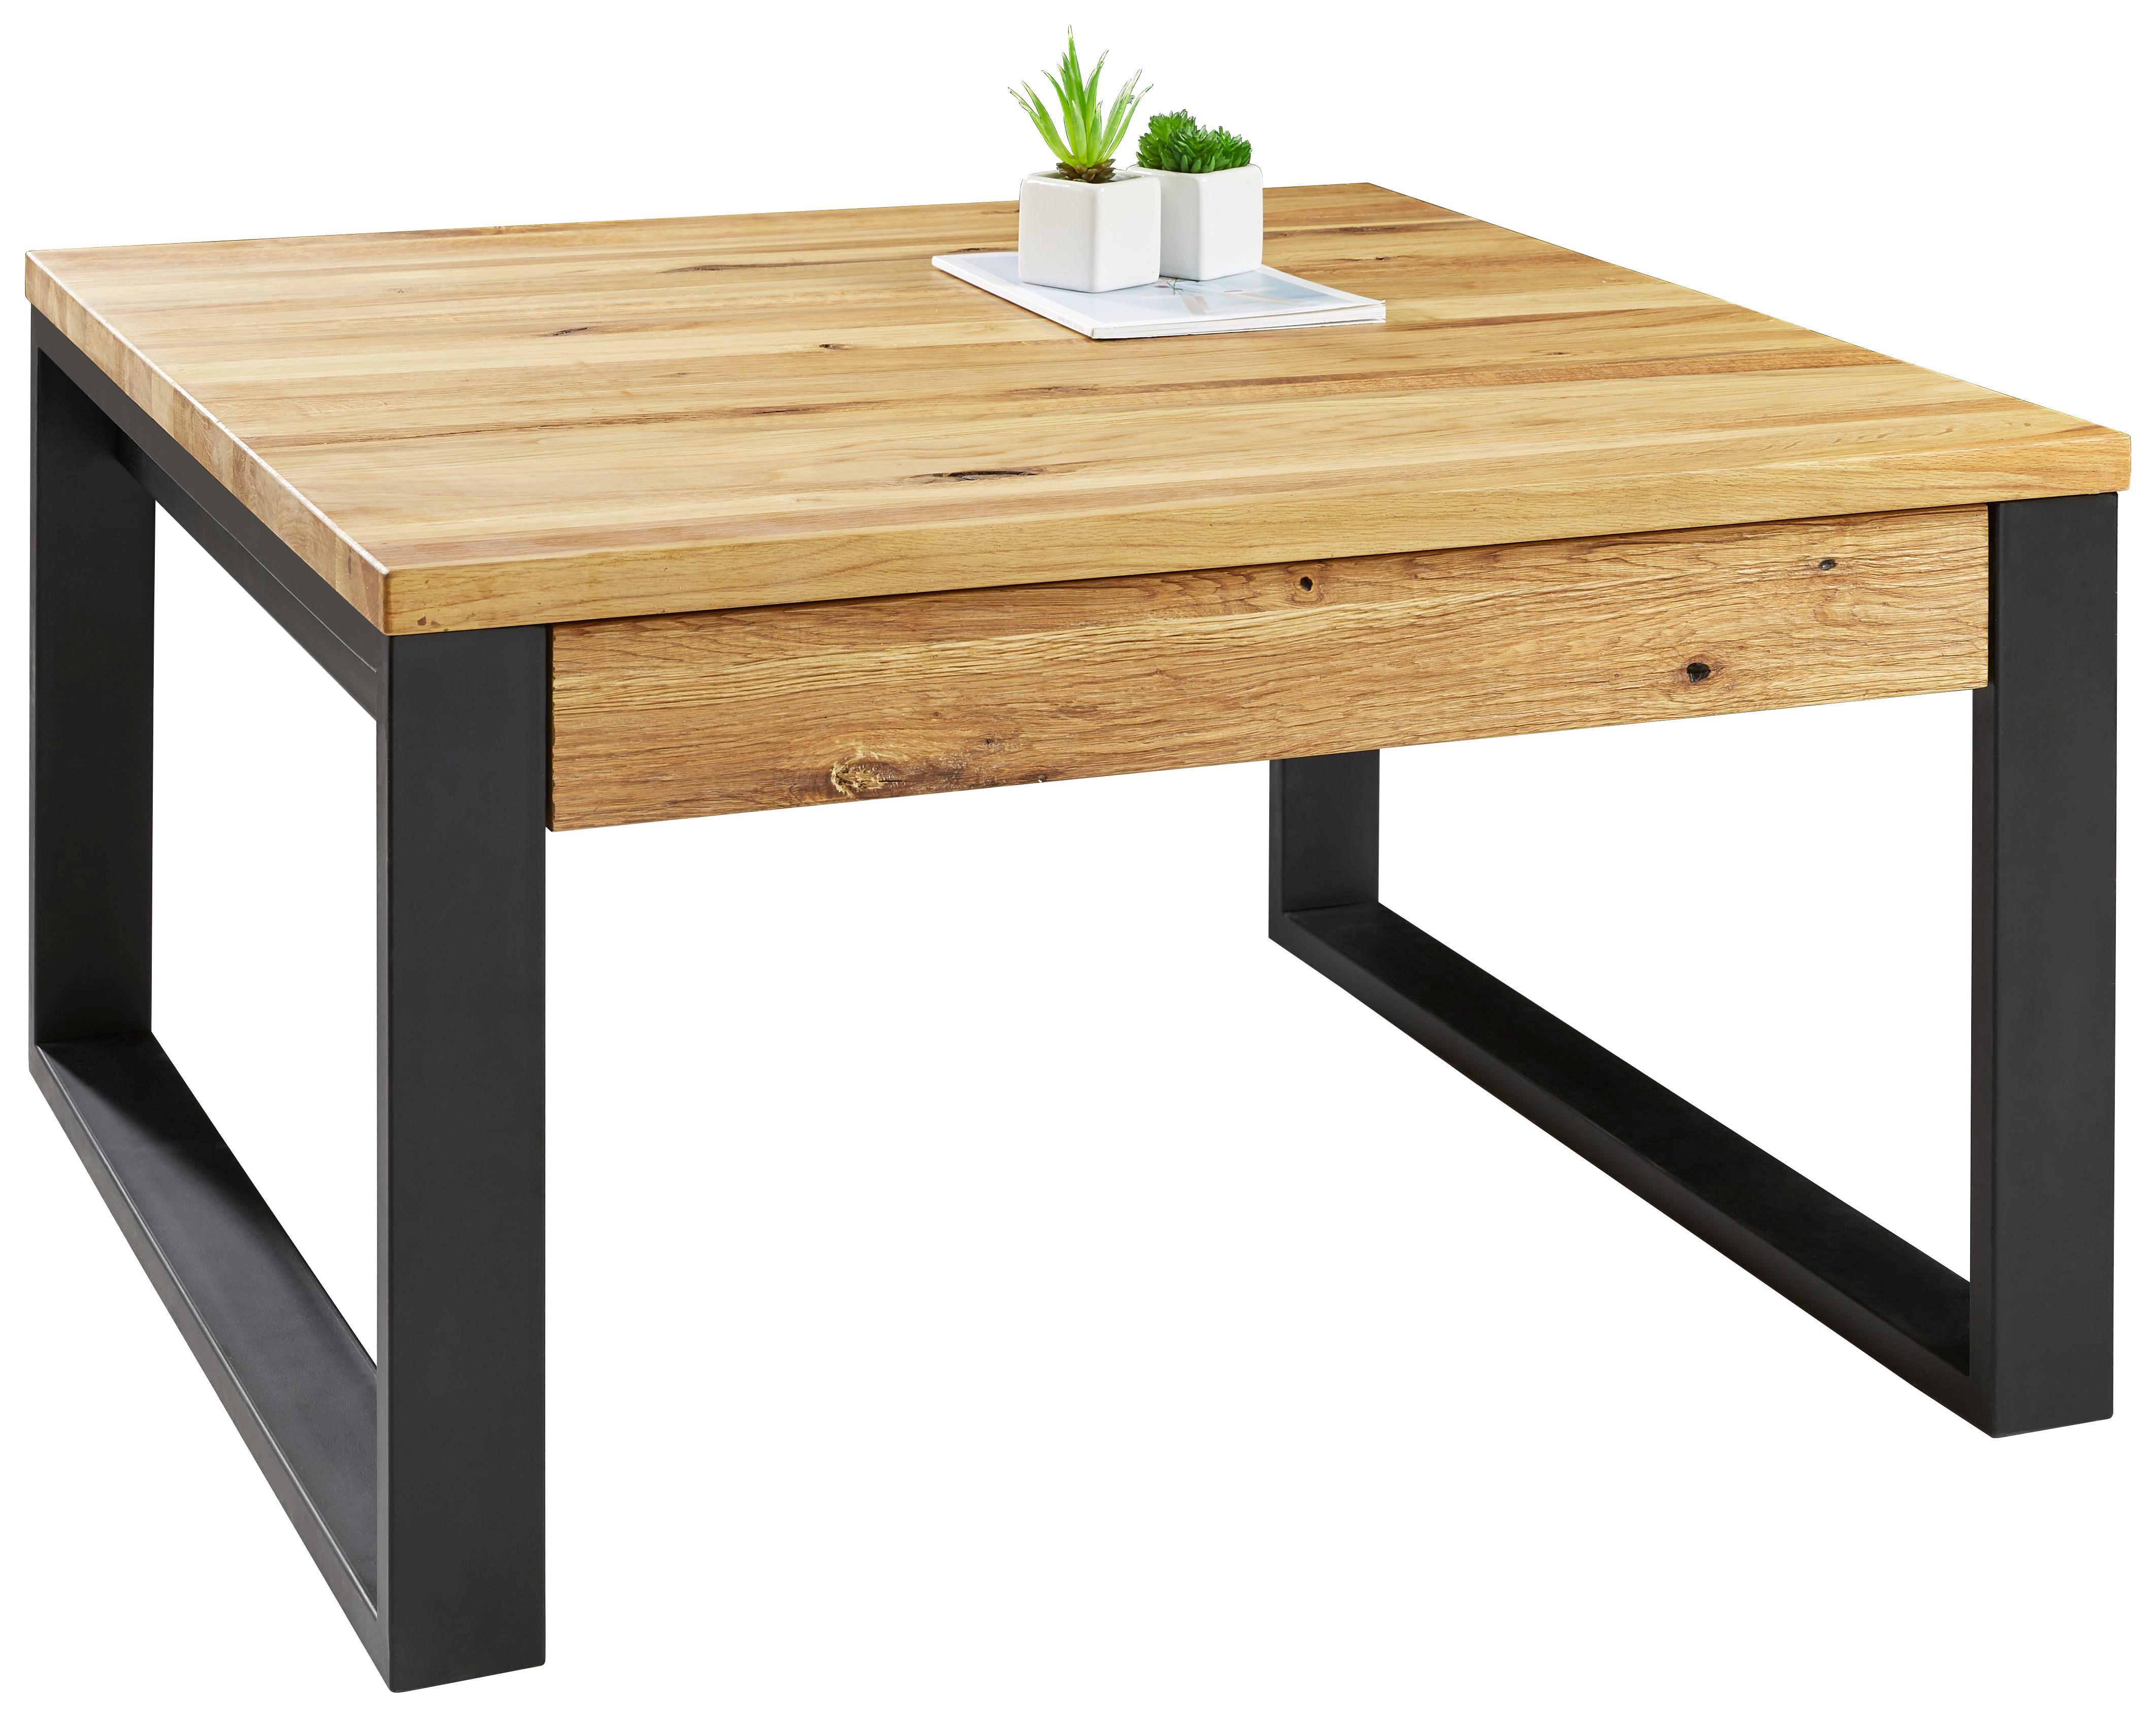 Beautiful Couchtisch Eiche Massiv Quadratisch Eichefarben Schwarz Design  Holz With Couchtisch Eiche Metall